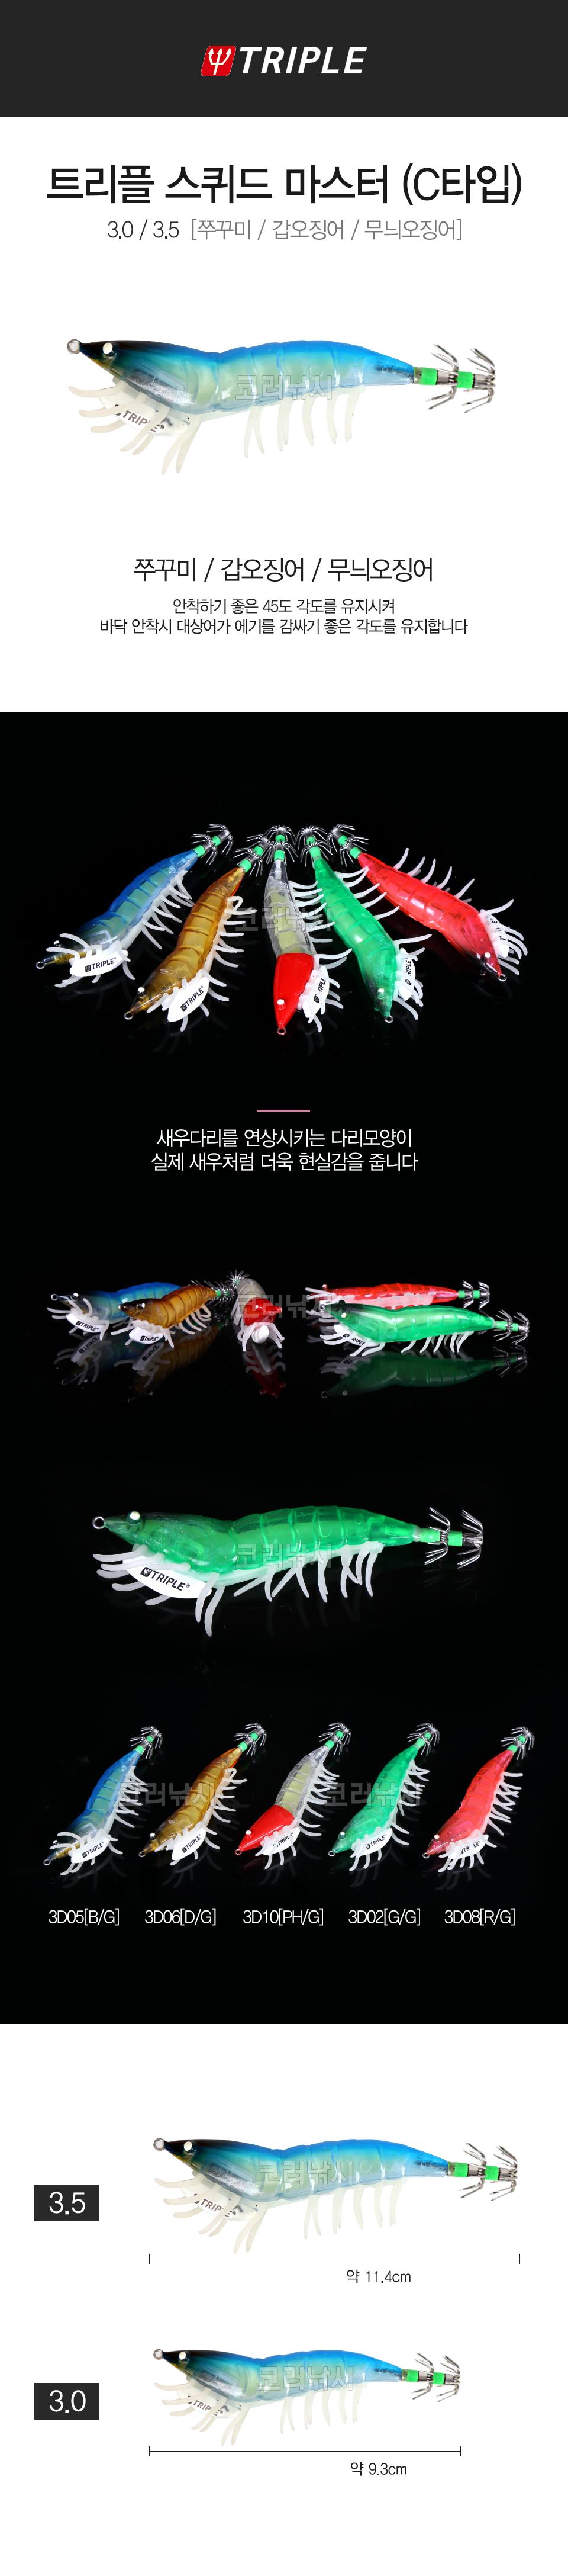 트리플 스퀴드 마스터 3.0 (C타입) (쭈꾸미, 갑오징어, 무늬오징어)  쭈꾸미 쭈꾸미낚시 갑오징어 무늬오징어 에기